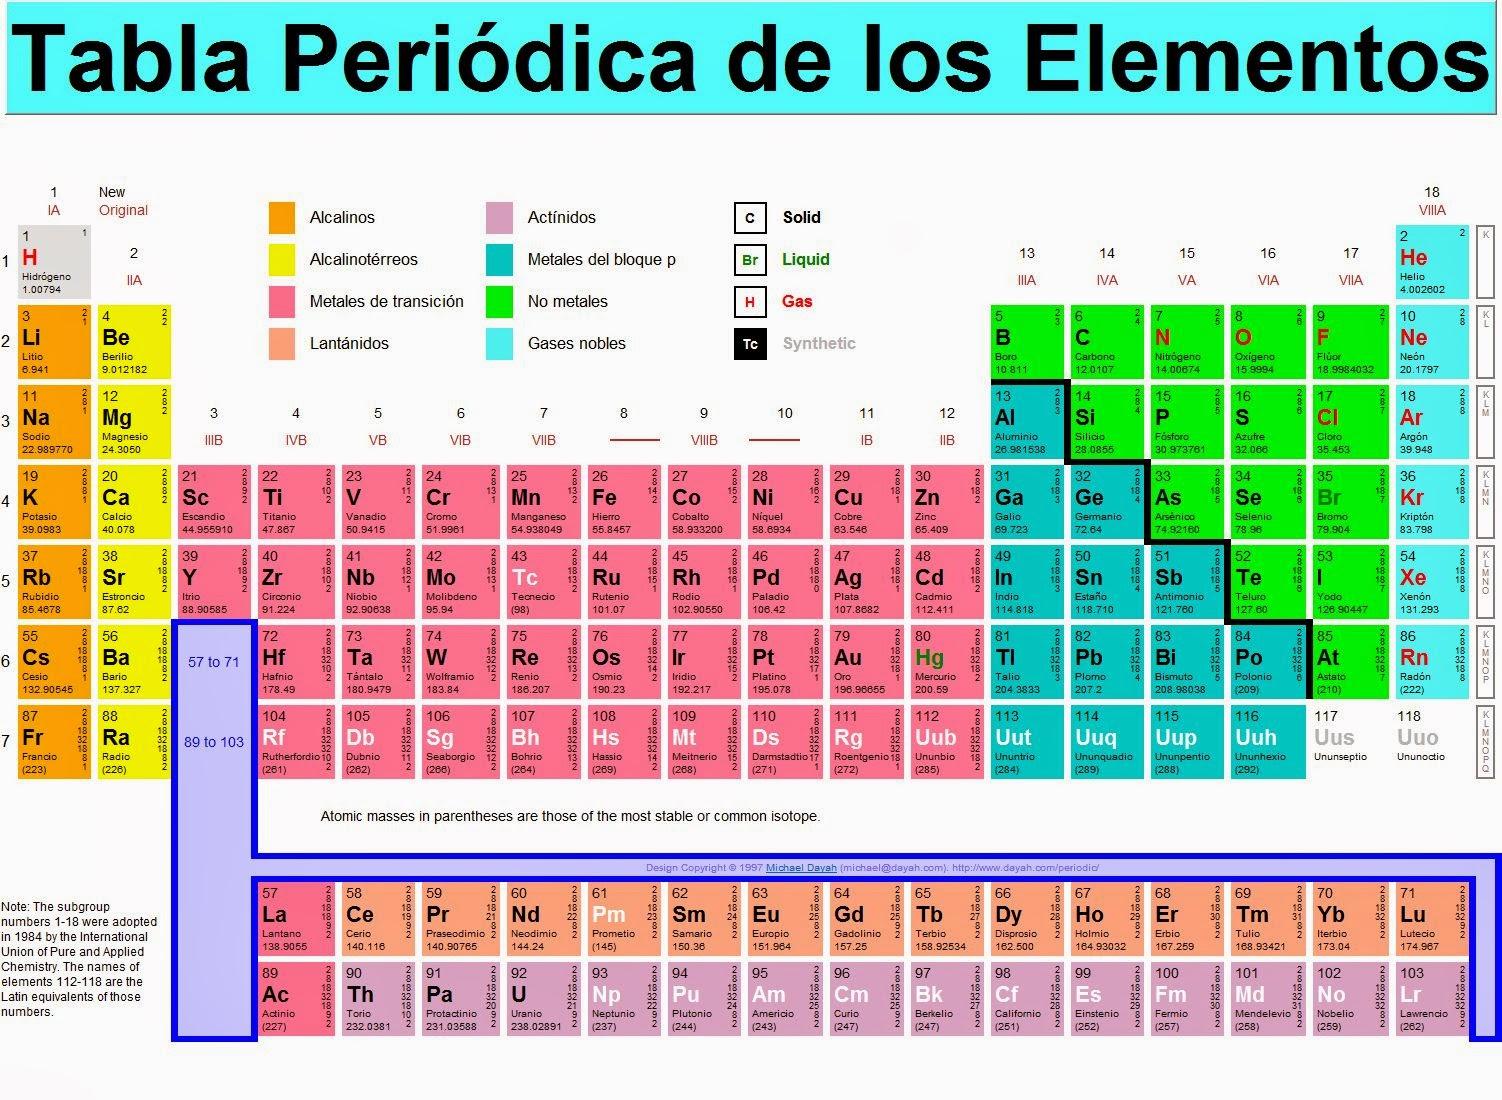 Recuperacin qumica i bloque iv interpretas la tabla peridica la tabla peridica de los elementos es una herramienta que clasifica organiza y distribuye los distintos elementos qumicos conforme a sus propiedades y urtaz Gallery